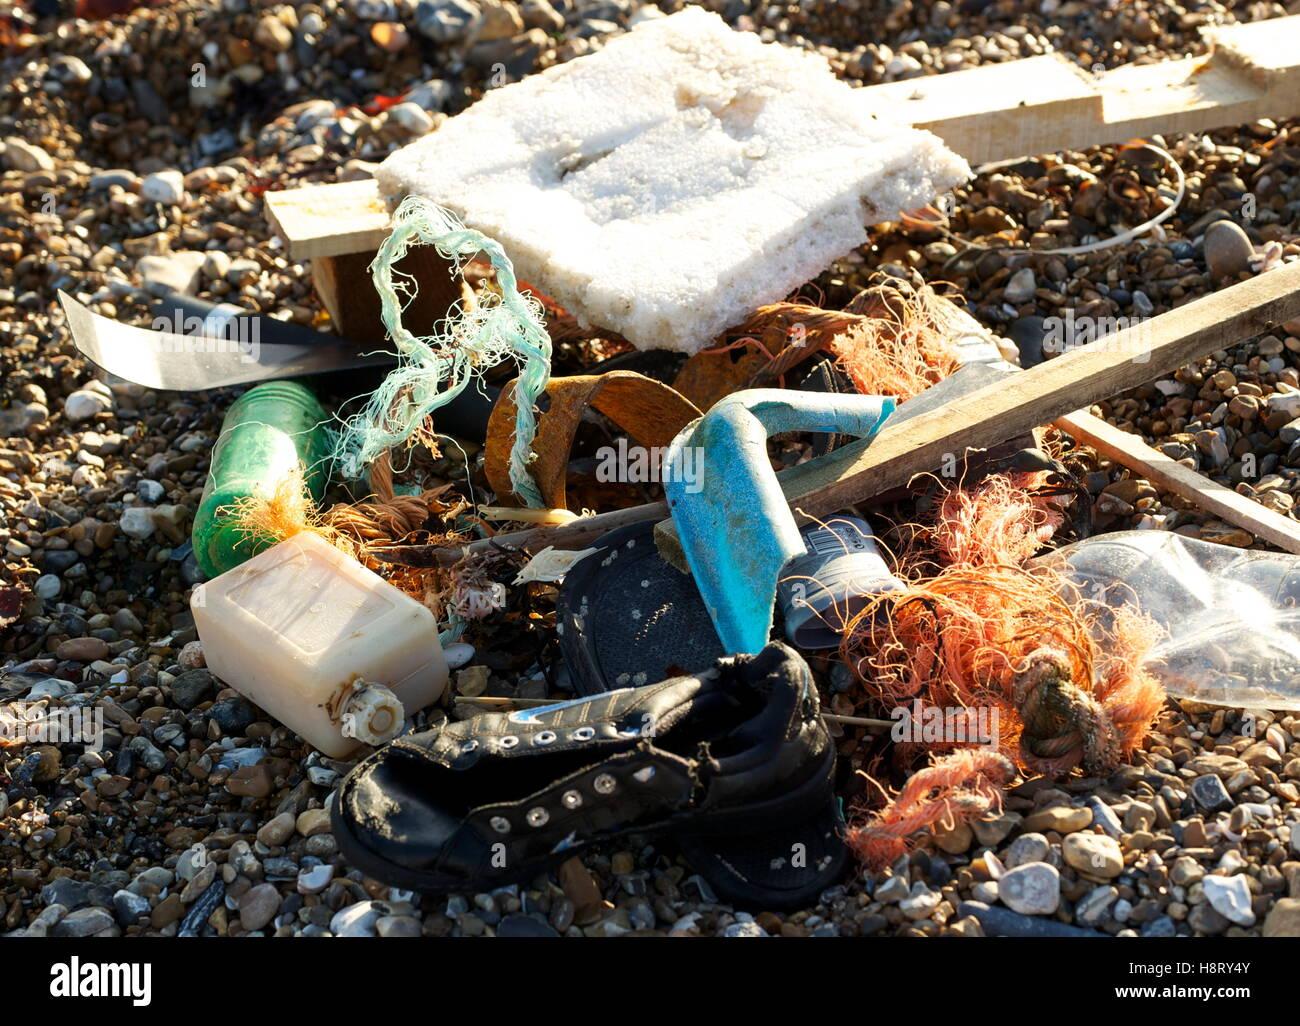 AJAXNETPHOTO. WORTHING, ENGLAND. - SEA JUNK - FLOTSAM WASHED ASHORE; PLASTIC BOTTLES, BITS OF POLYPROPELENE ROPE, - Stock Image